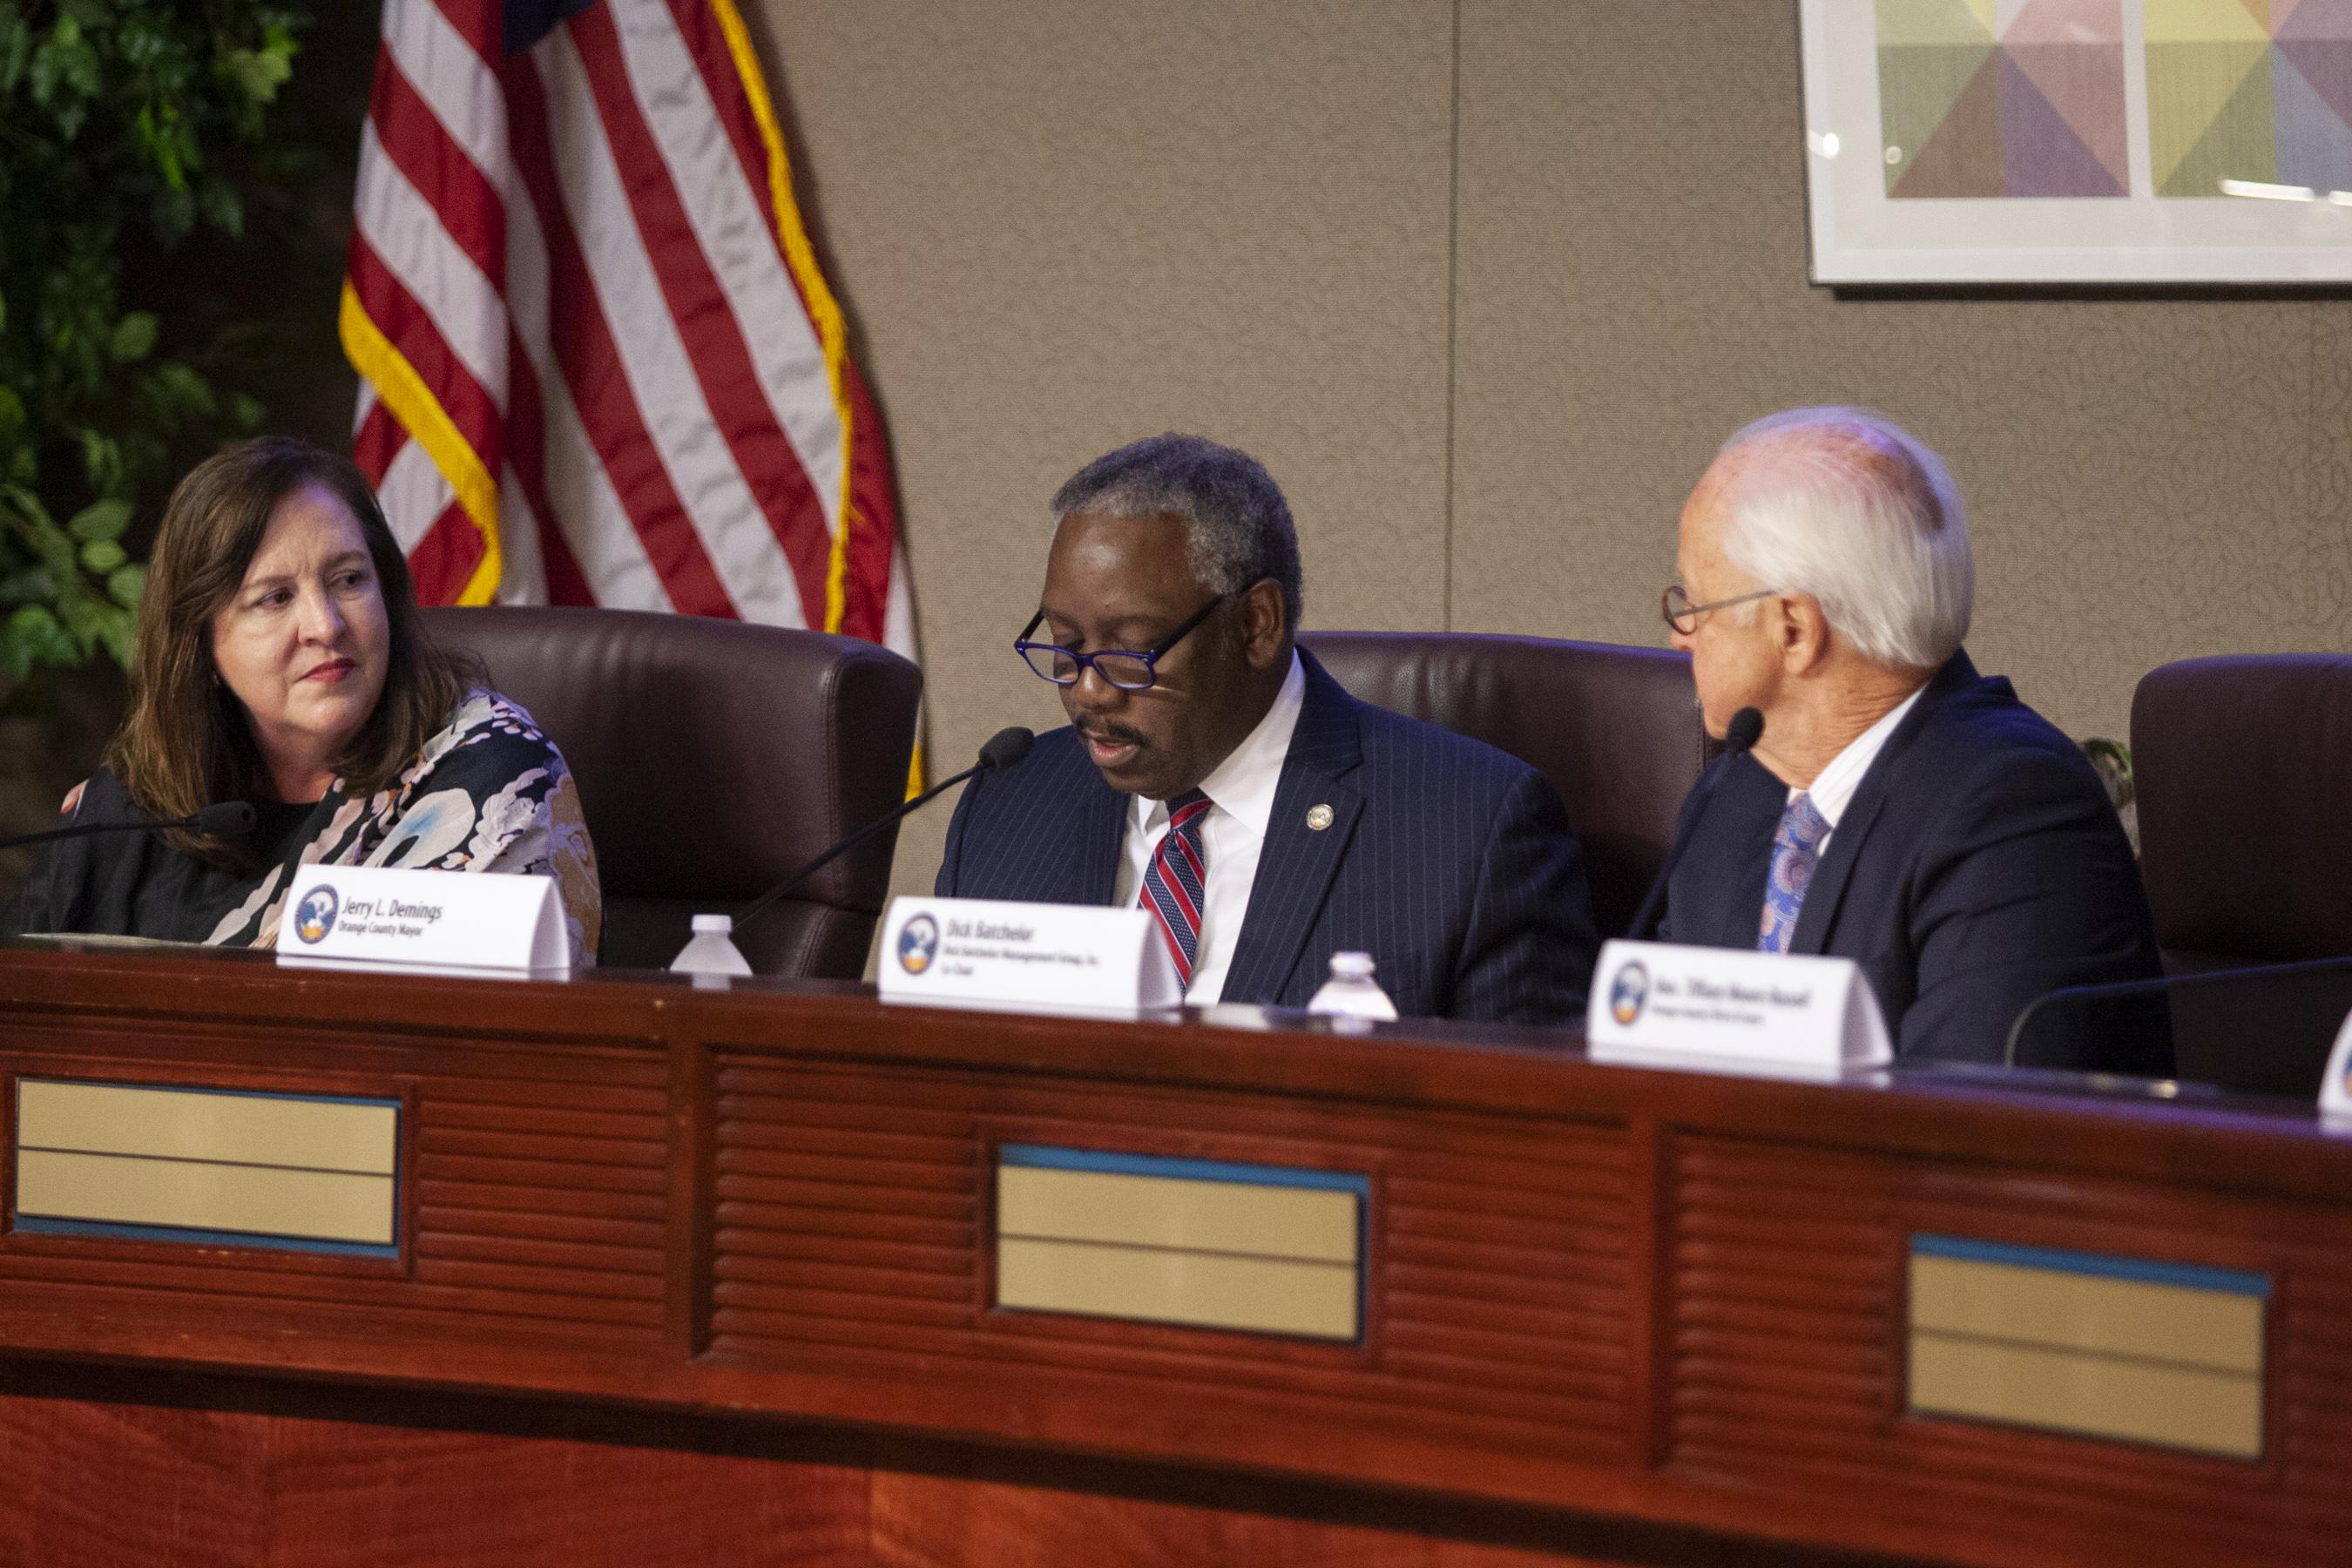 El Alcalde Demings y otros miembros de la comisión en el estrado